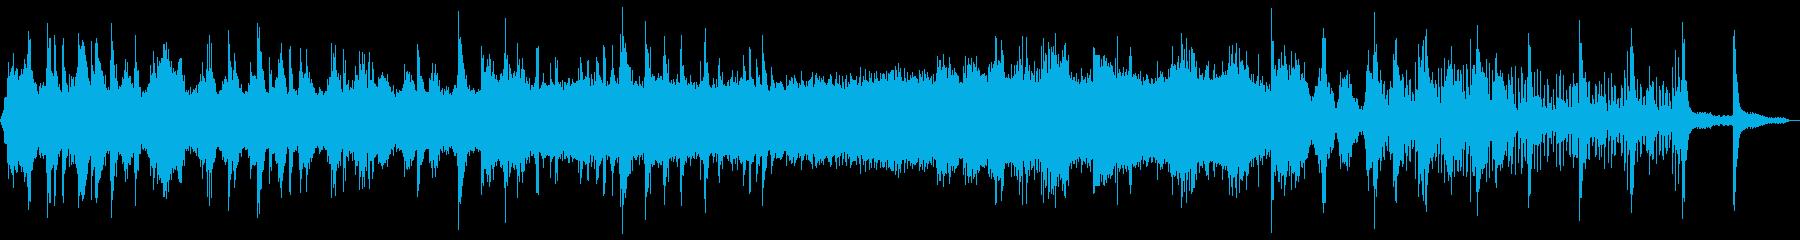 浮遊感のあるアンビエントミュージックの再生済みの波形